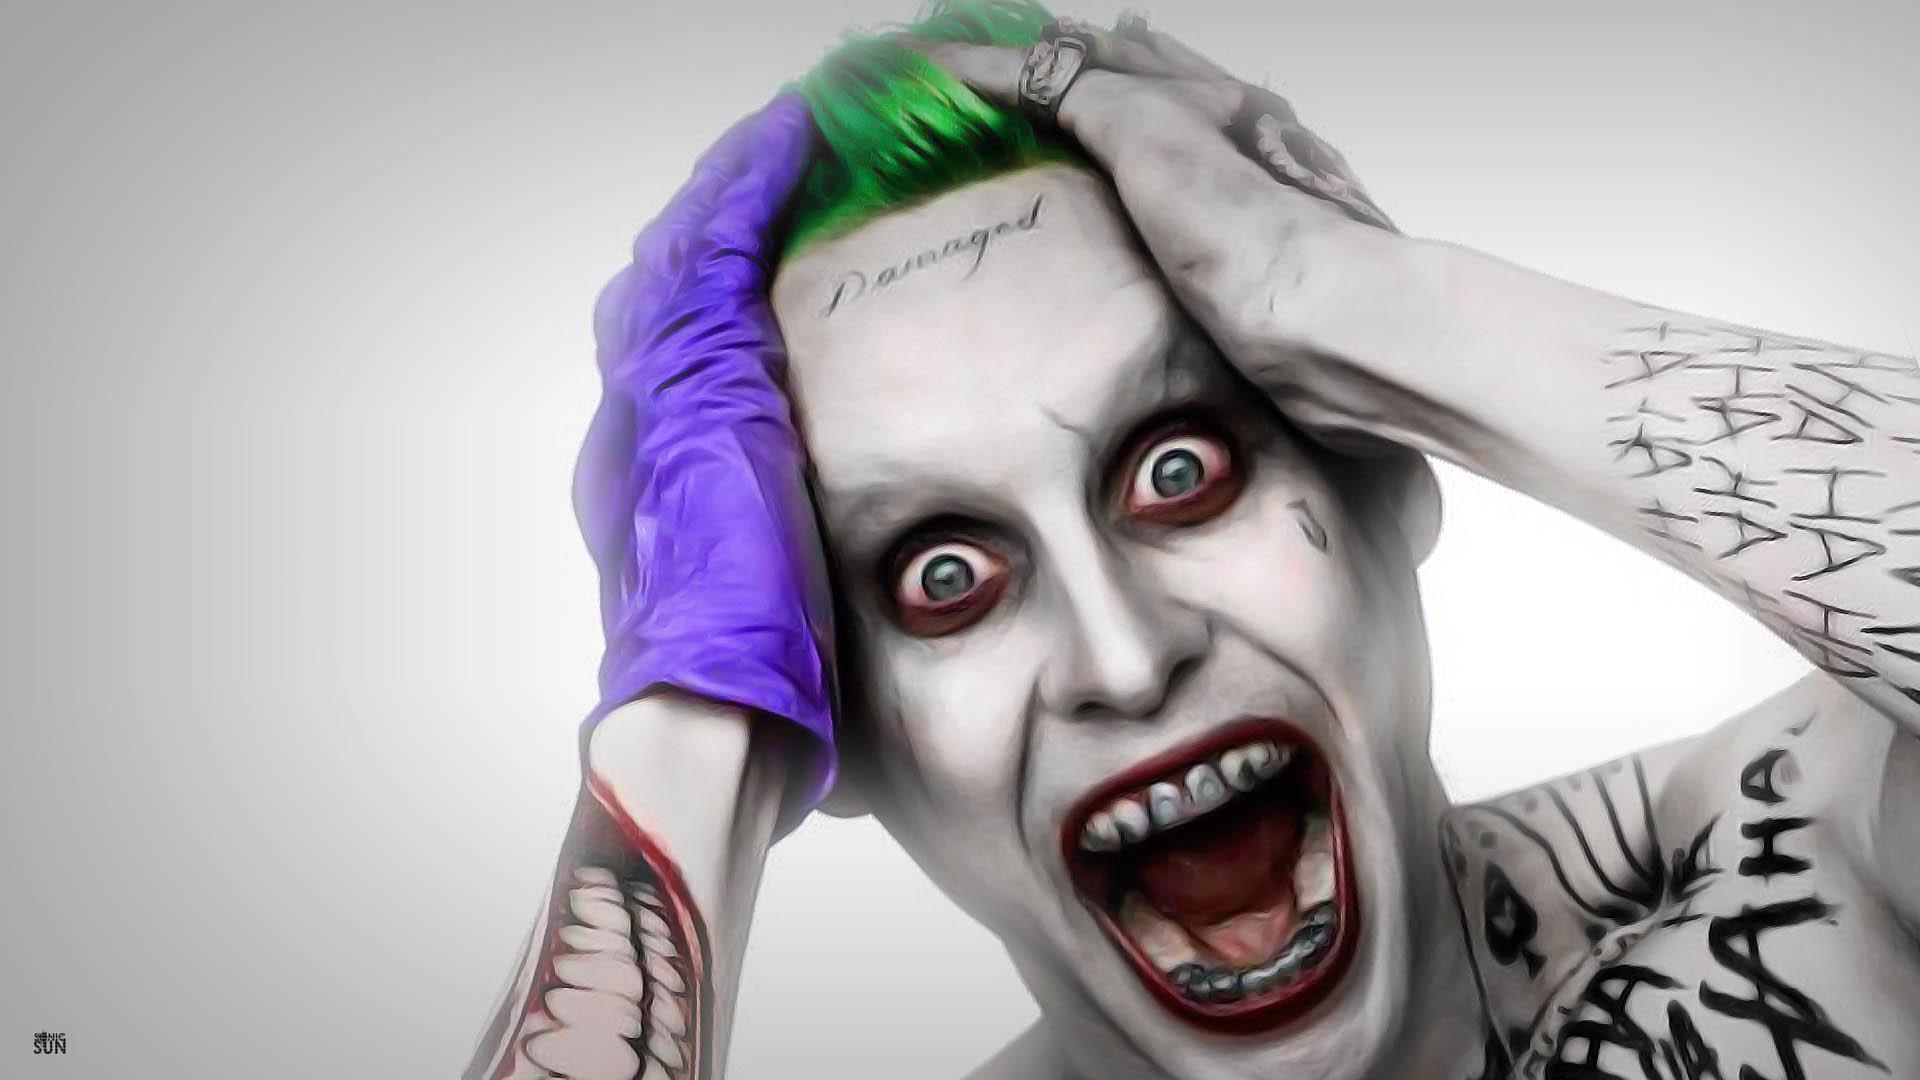 … Joker Leto Wallpaper by Sonic-Sun